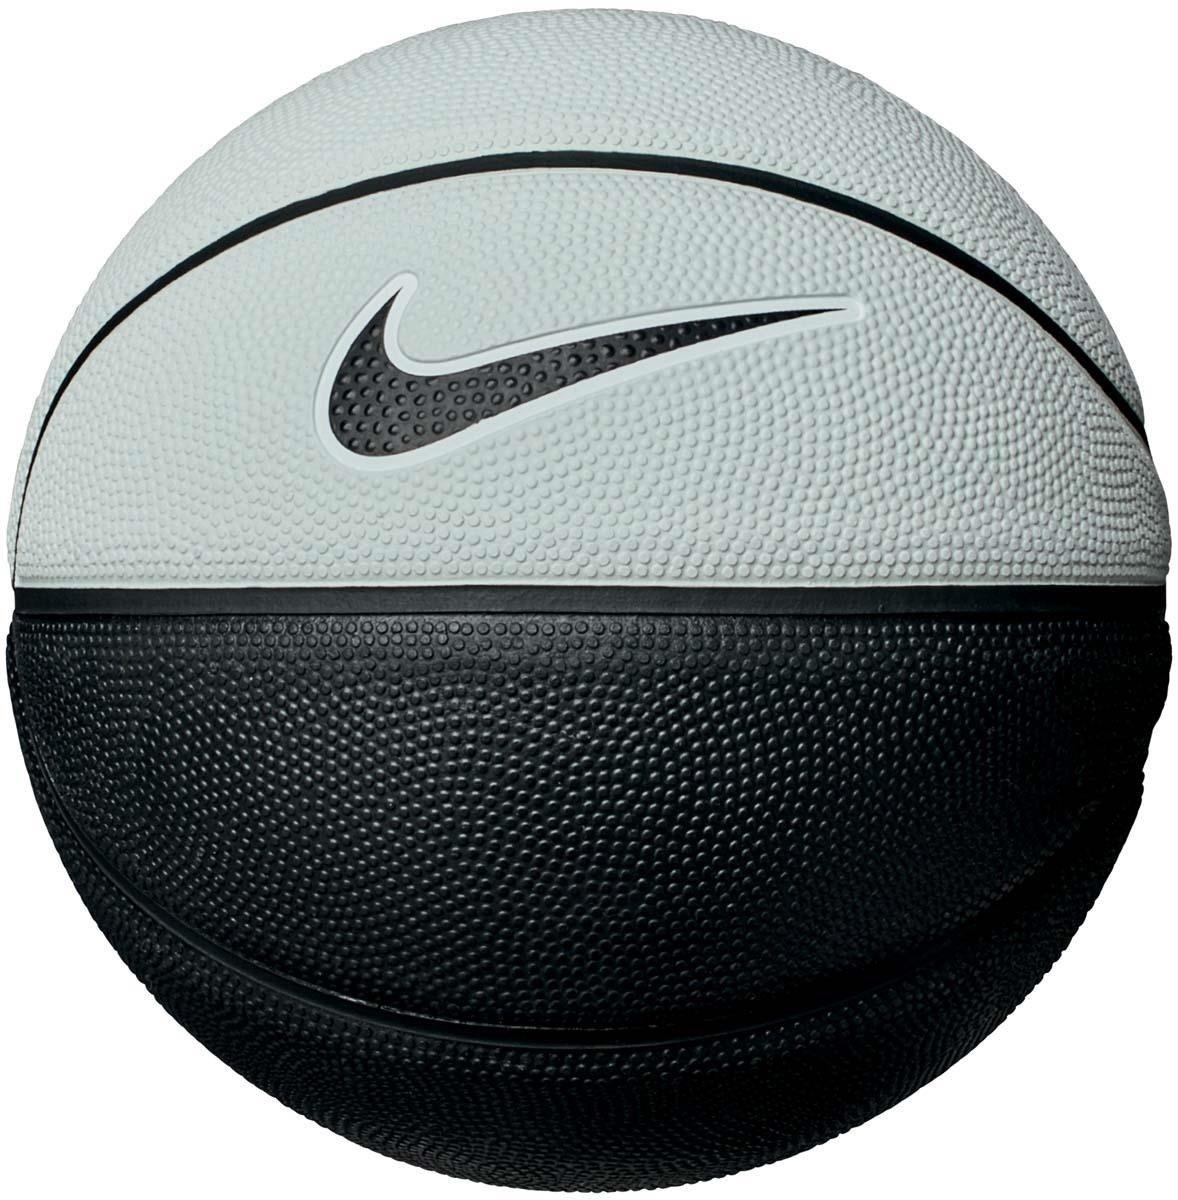 1494a8bc316347 Piłka do koszykówki Nike Skills (3) - N000128507203 - Basketo.pl